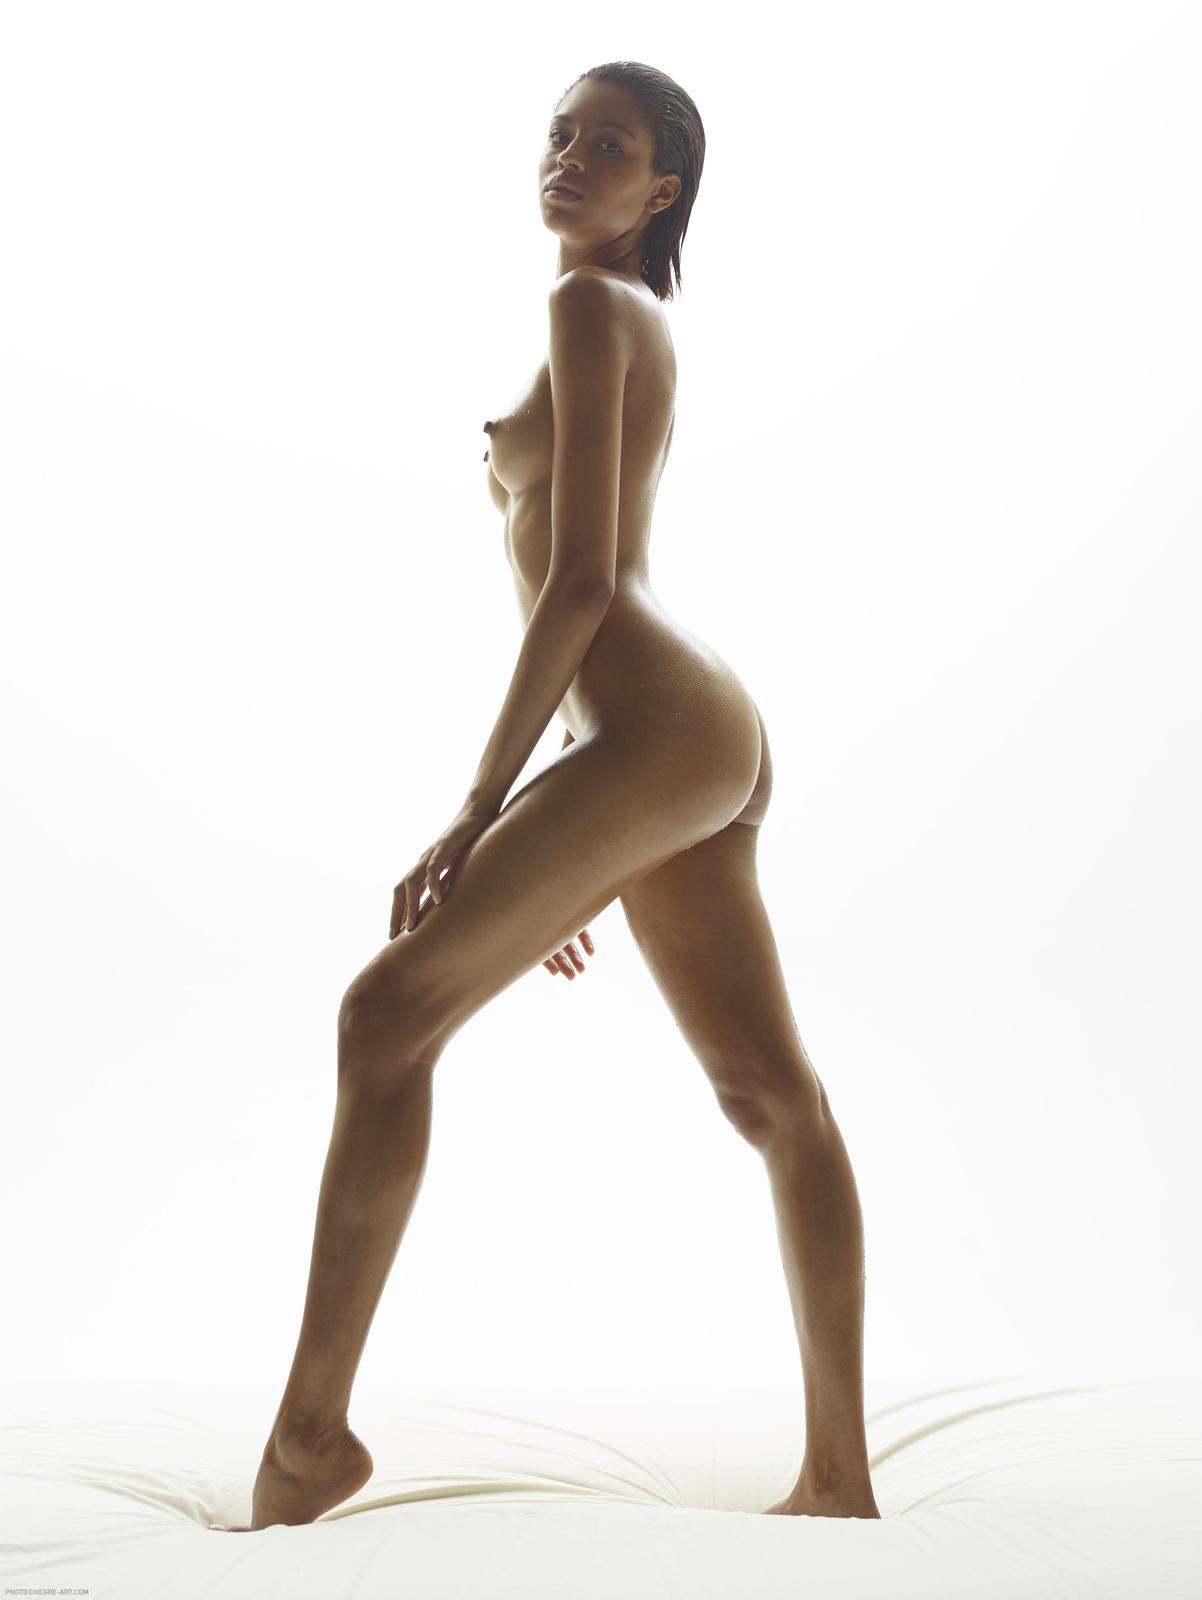 Zdjęcie porno - 161 - Bosko sterczące sutki laseczki